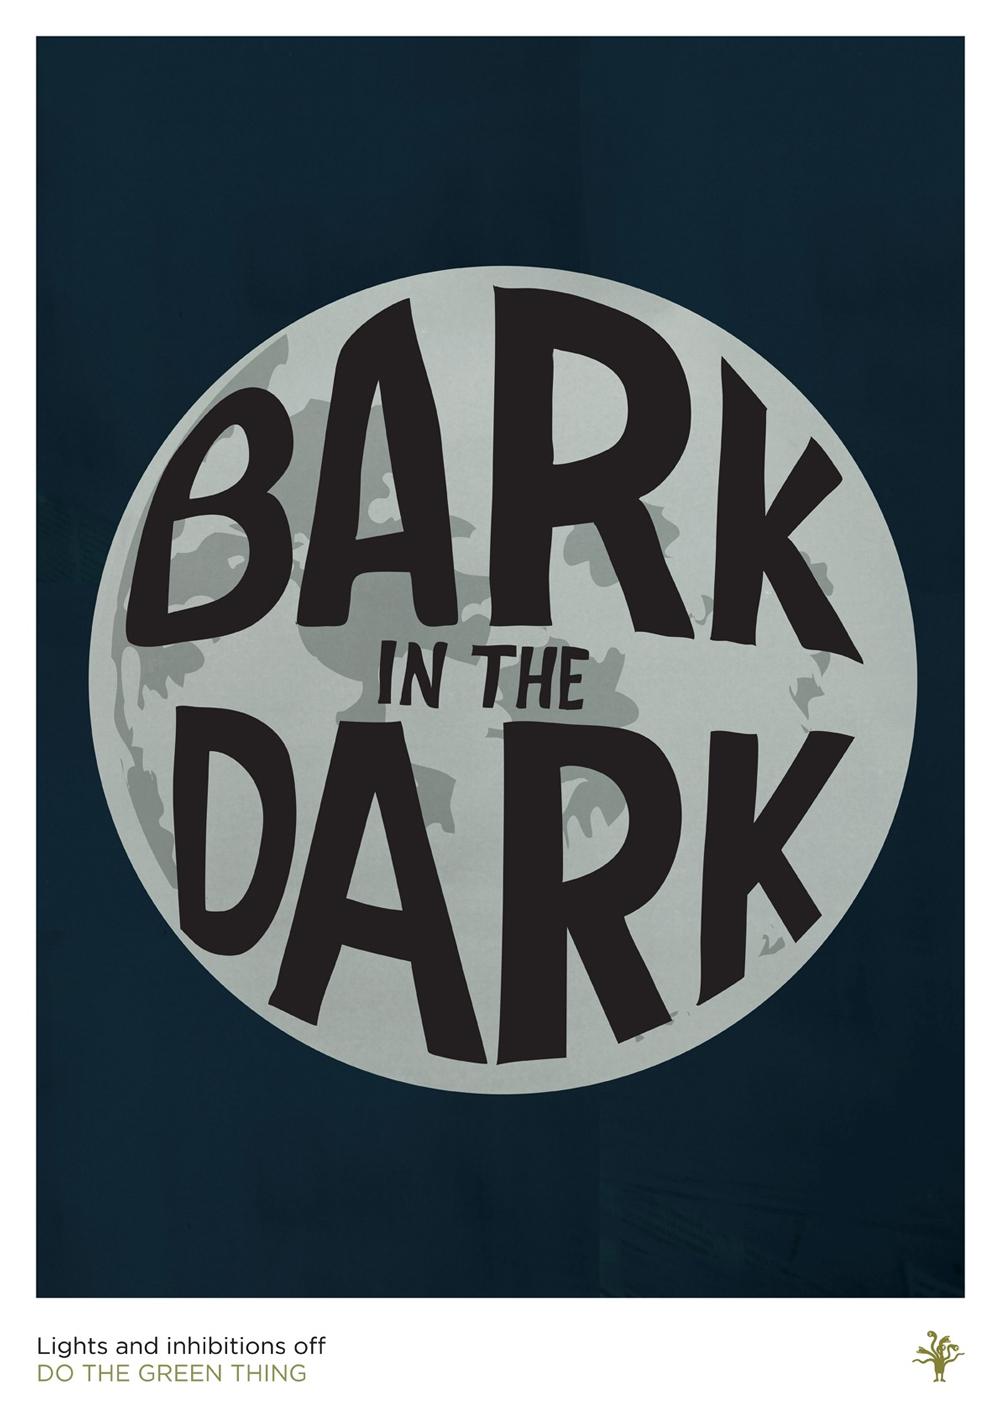 'Bark' by Steven Qua (Poster 10 of 23)